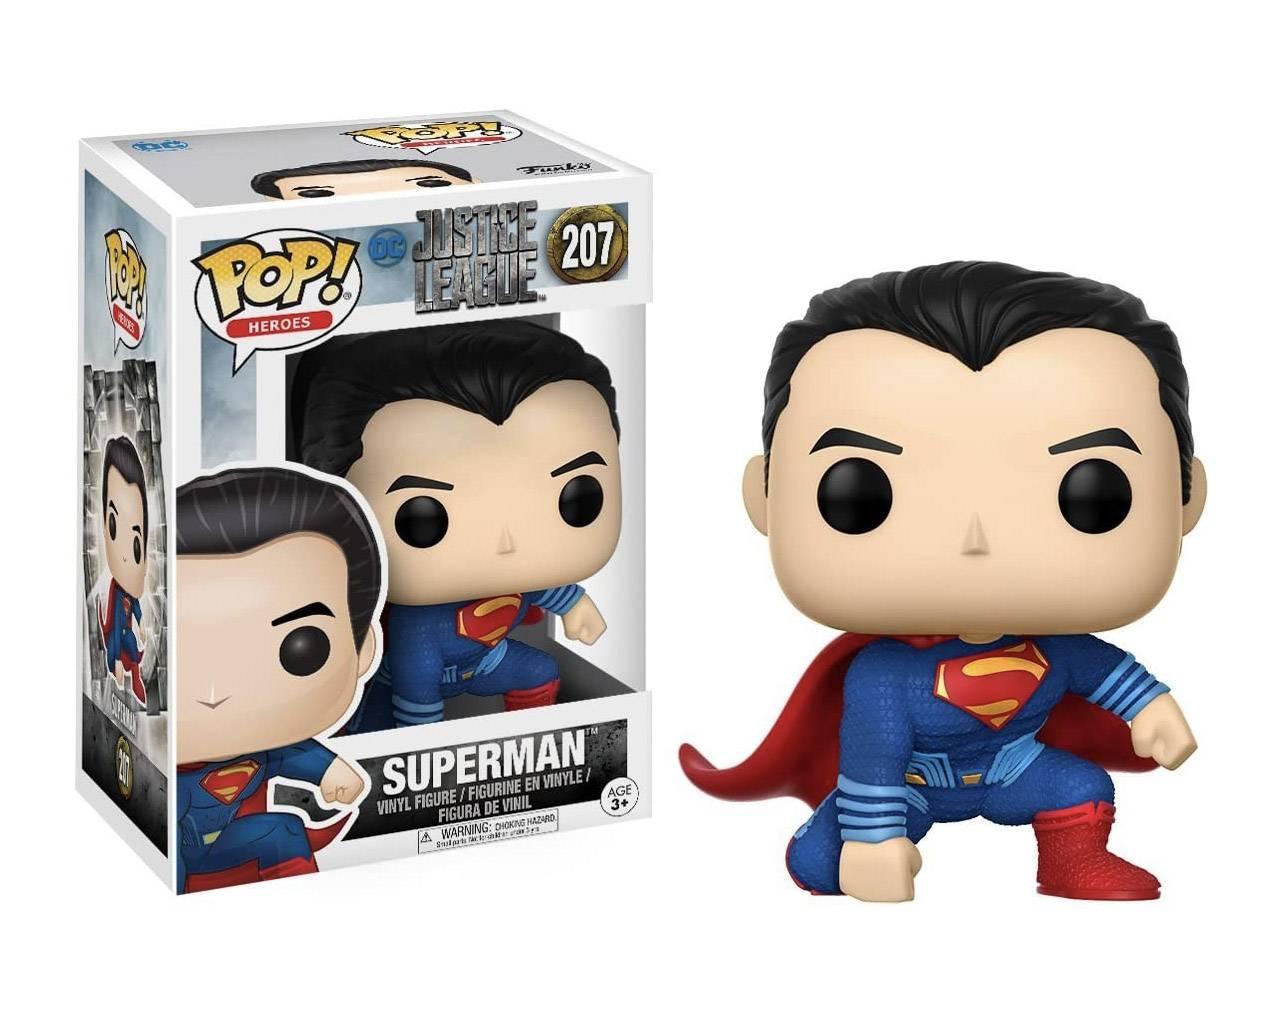 Superman (Justice League) Pop! Vinyl